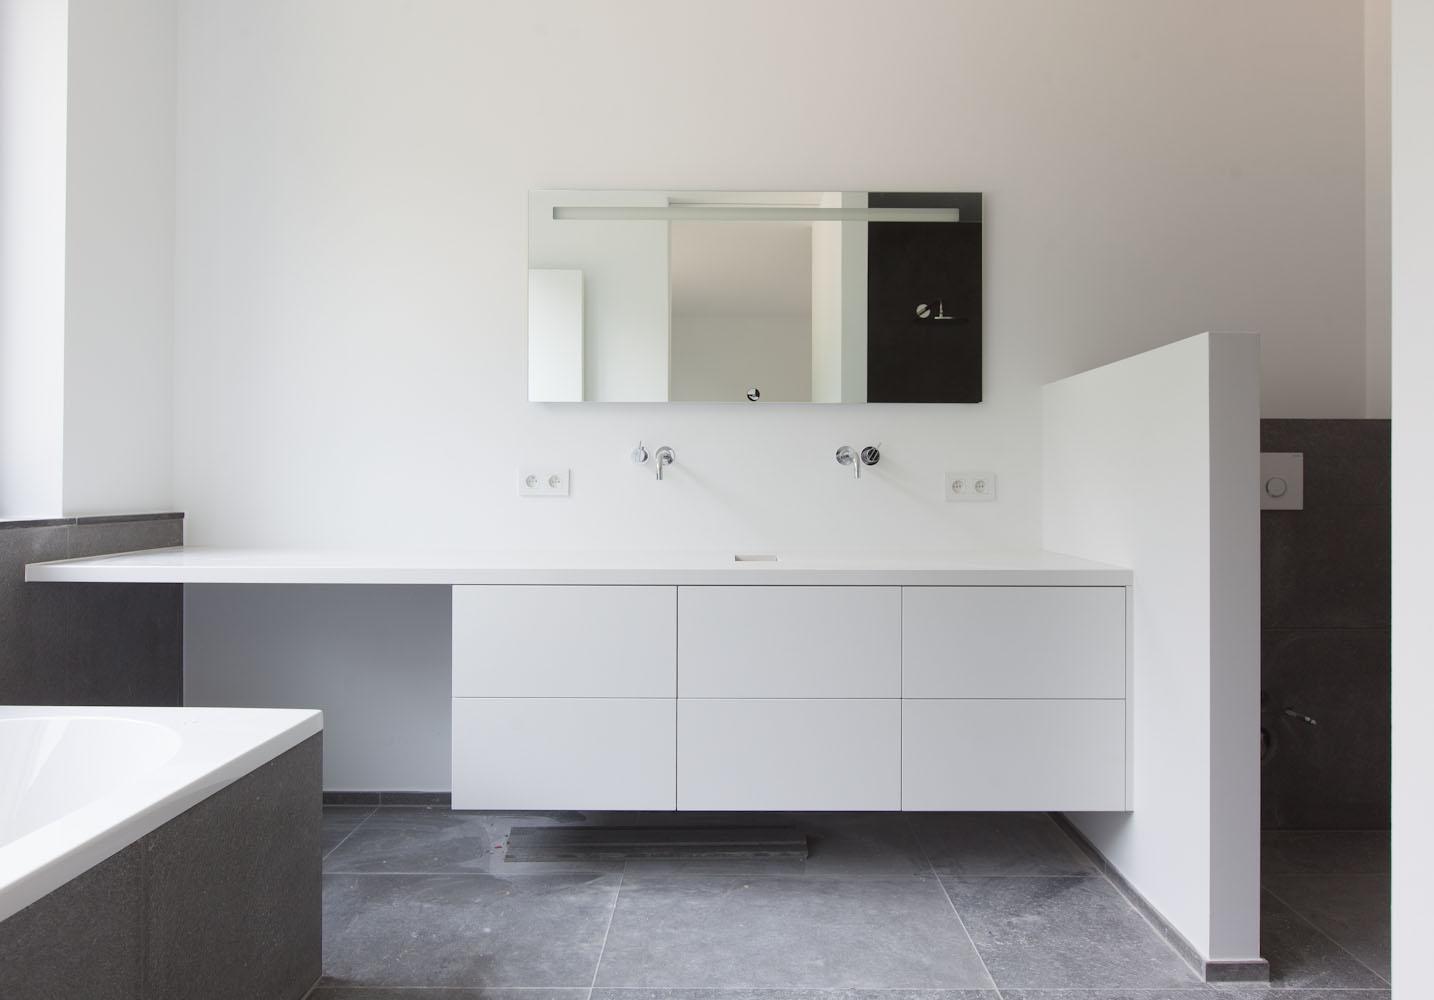 Badkamer/Salle de bain